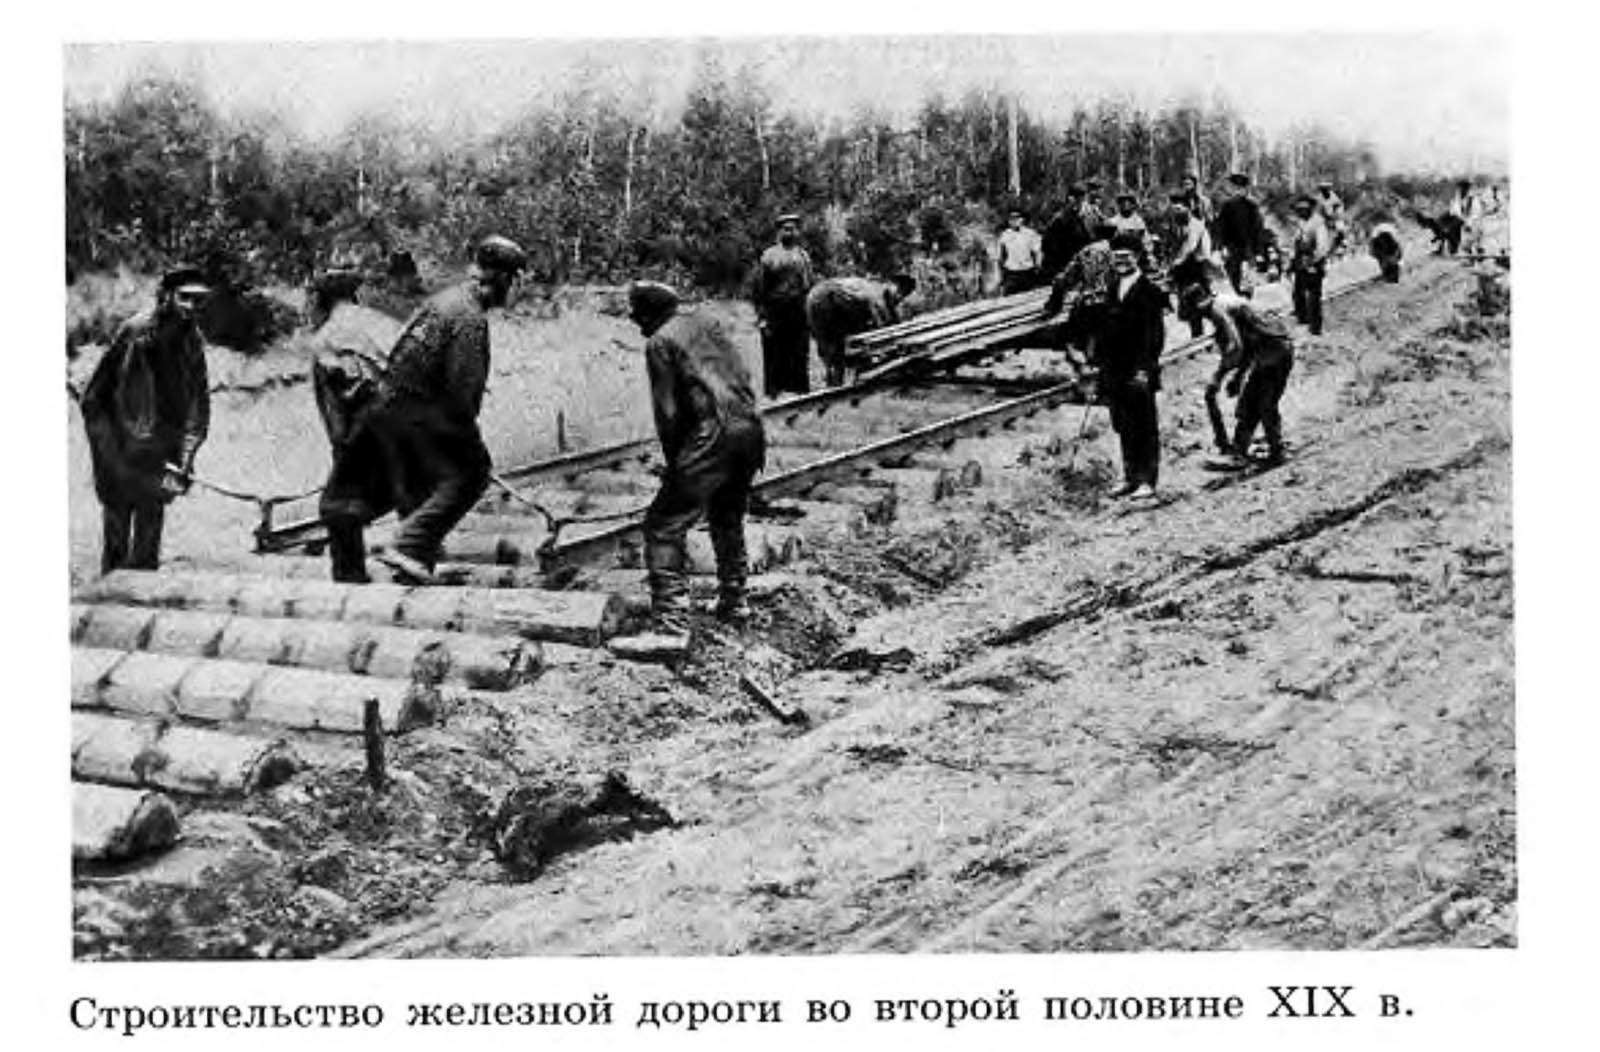 Дороги идвижение вСССР ицарской России: чтобы перенять?— фото 612700